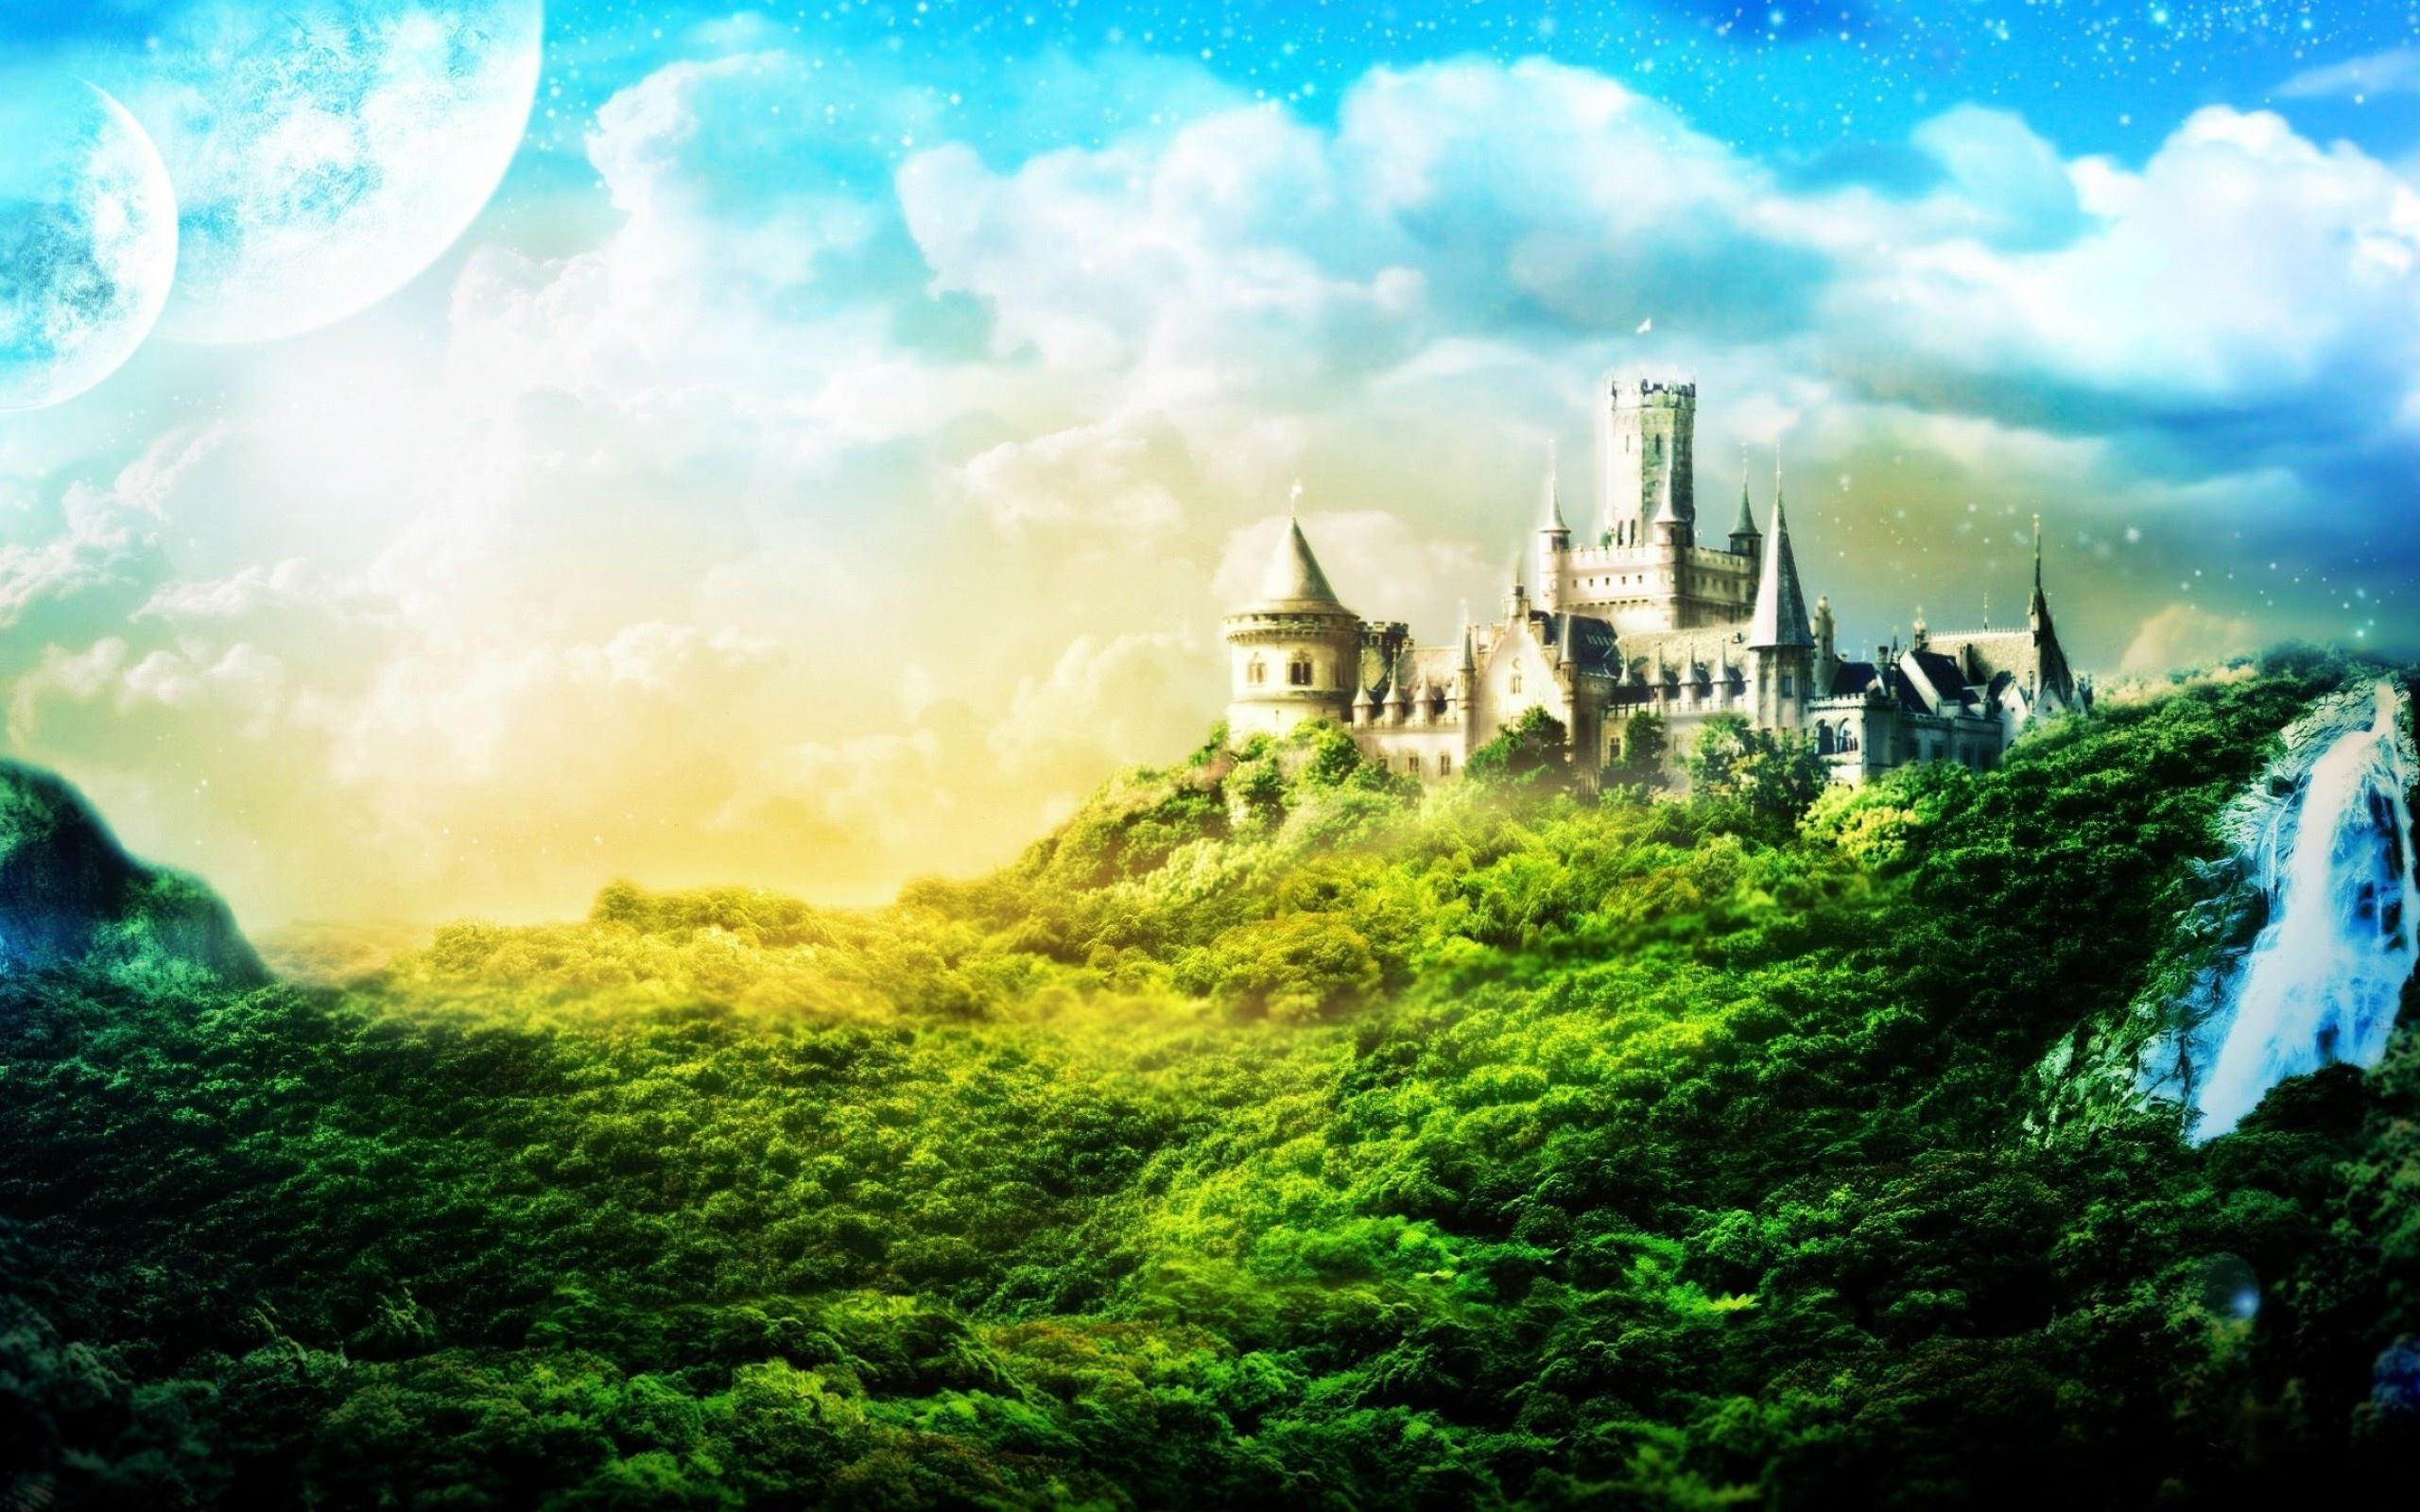 Картинки с мистическими путешествиями